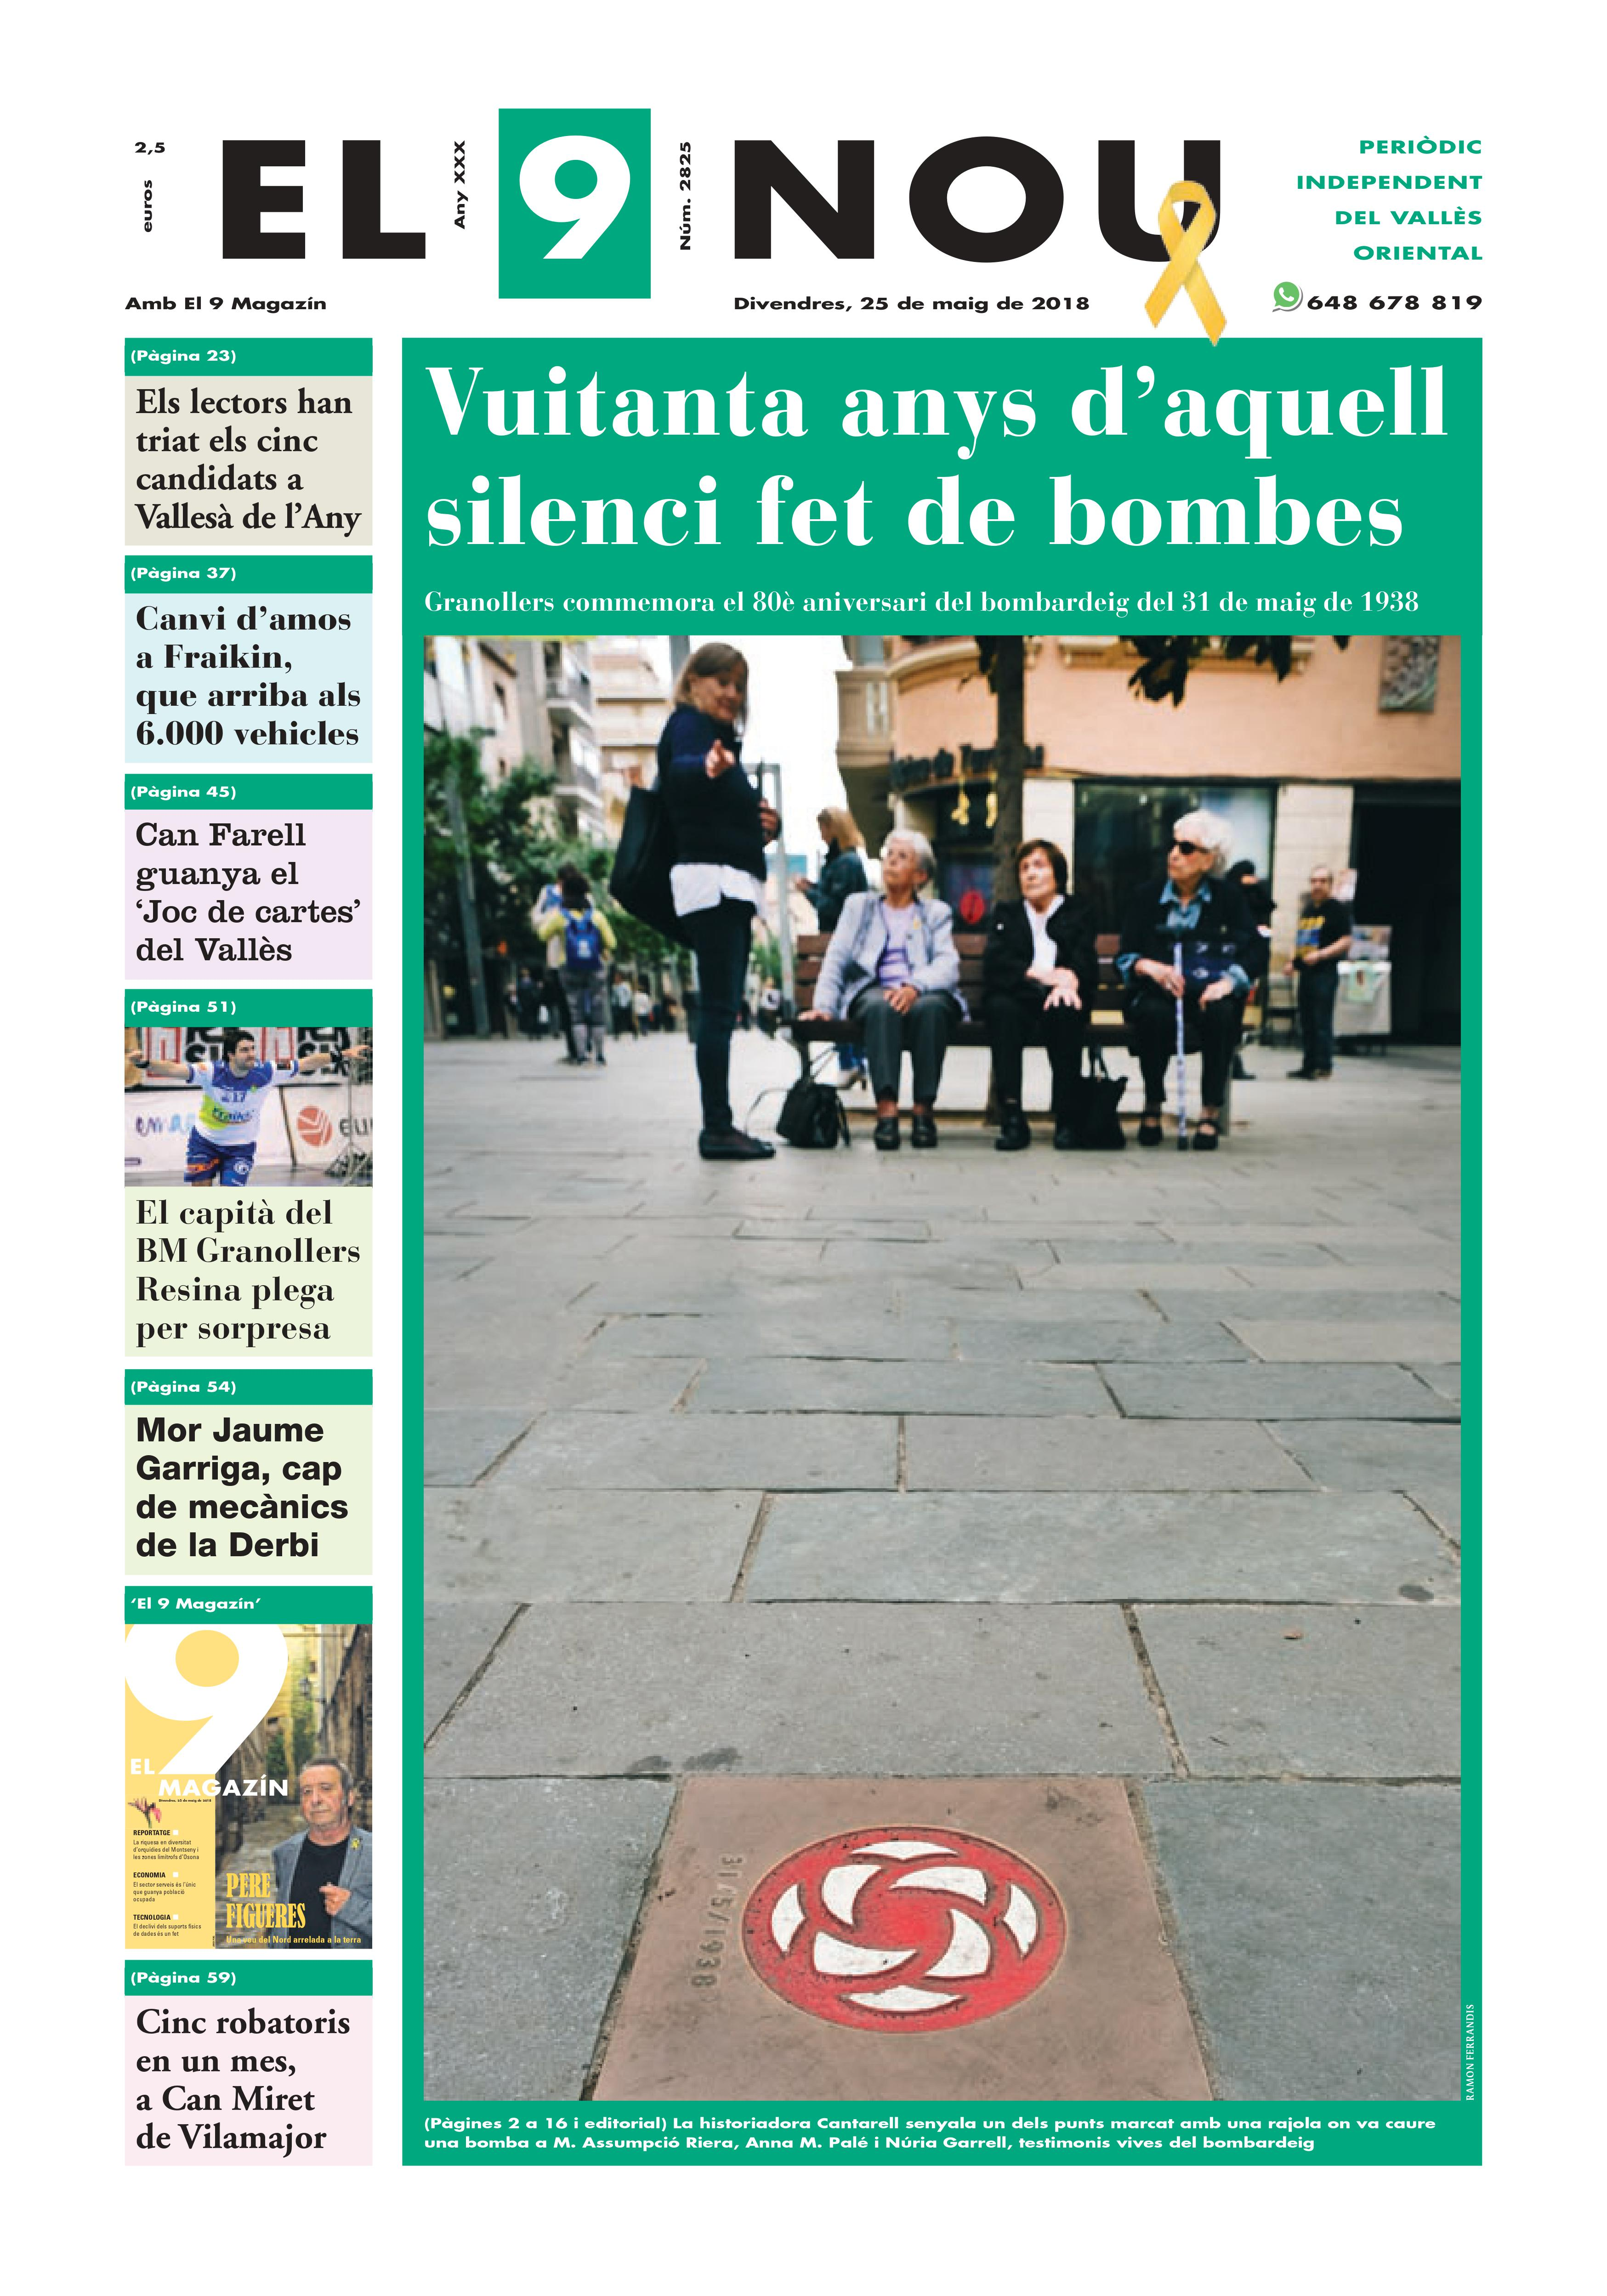 Primera plana EL 9 NOU 25_05_18 Vallès